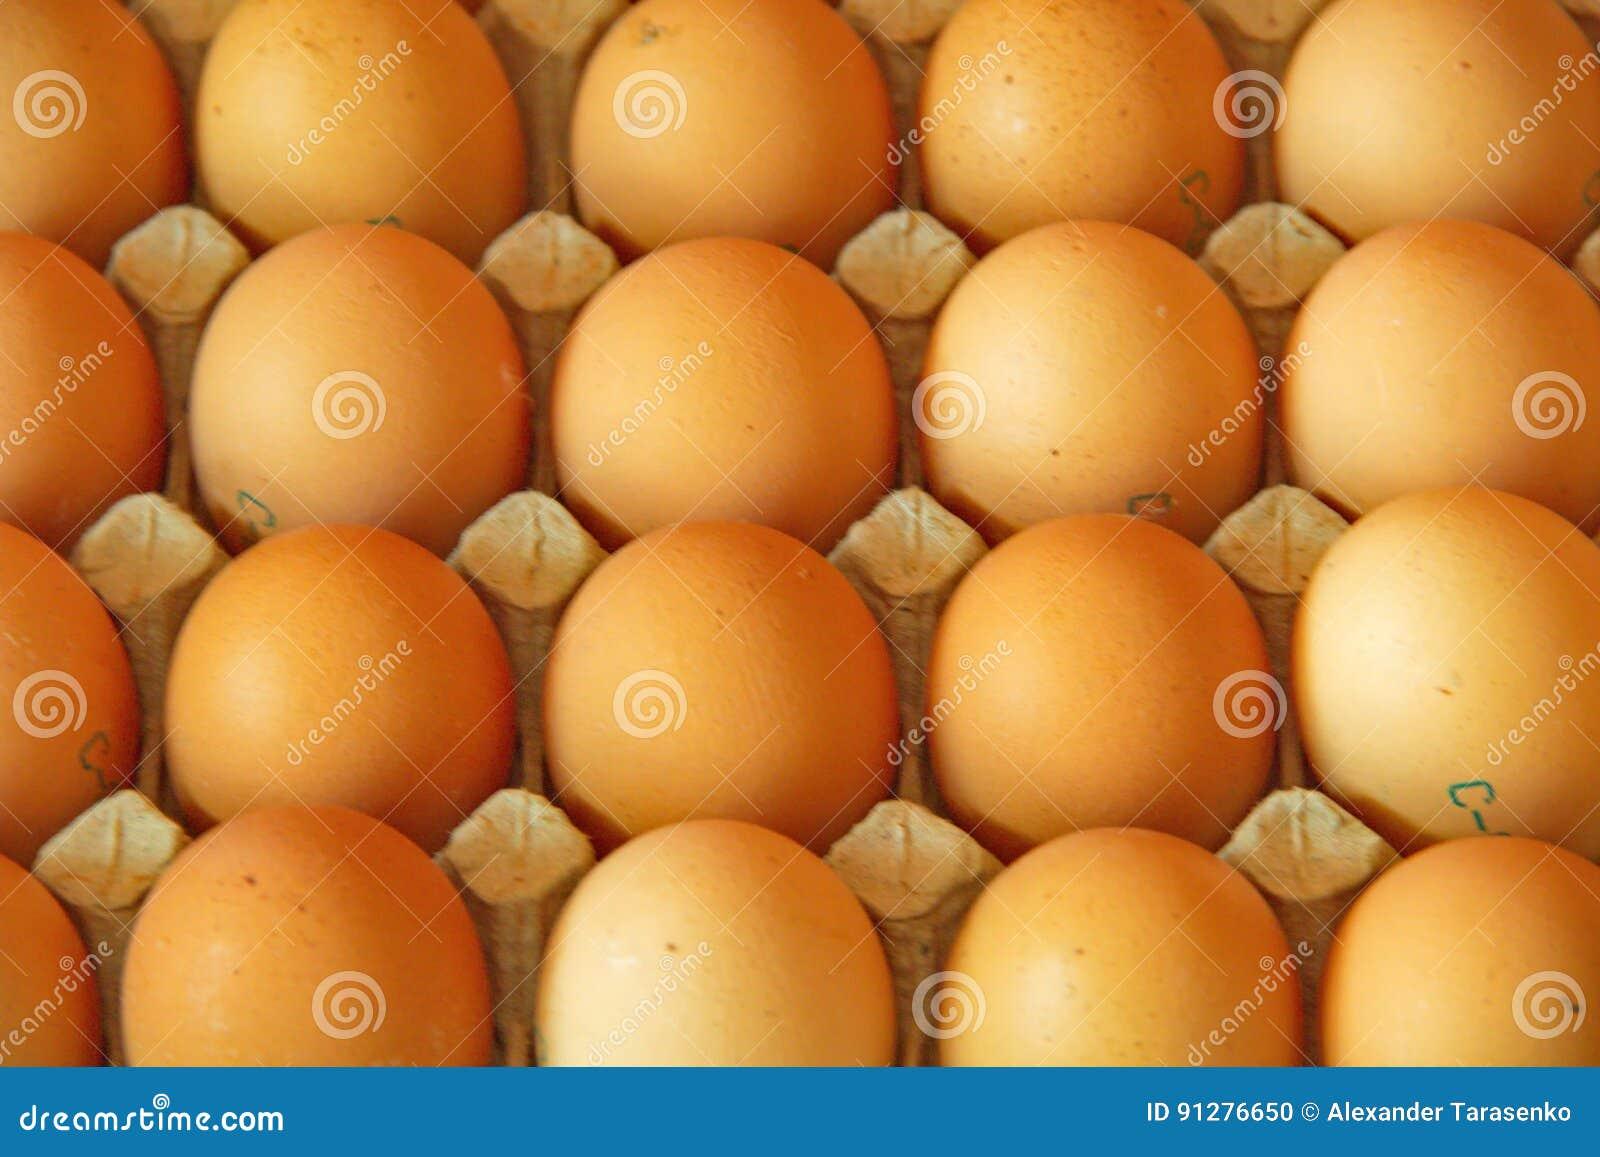 Stäng sig upp av många ägg i rad, perspektivsikten